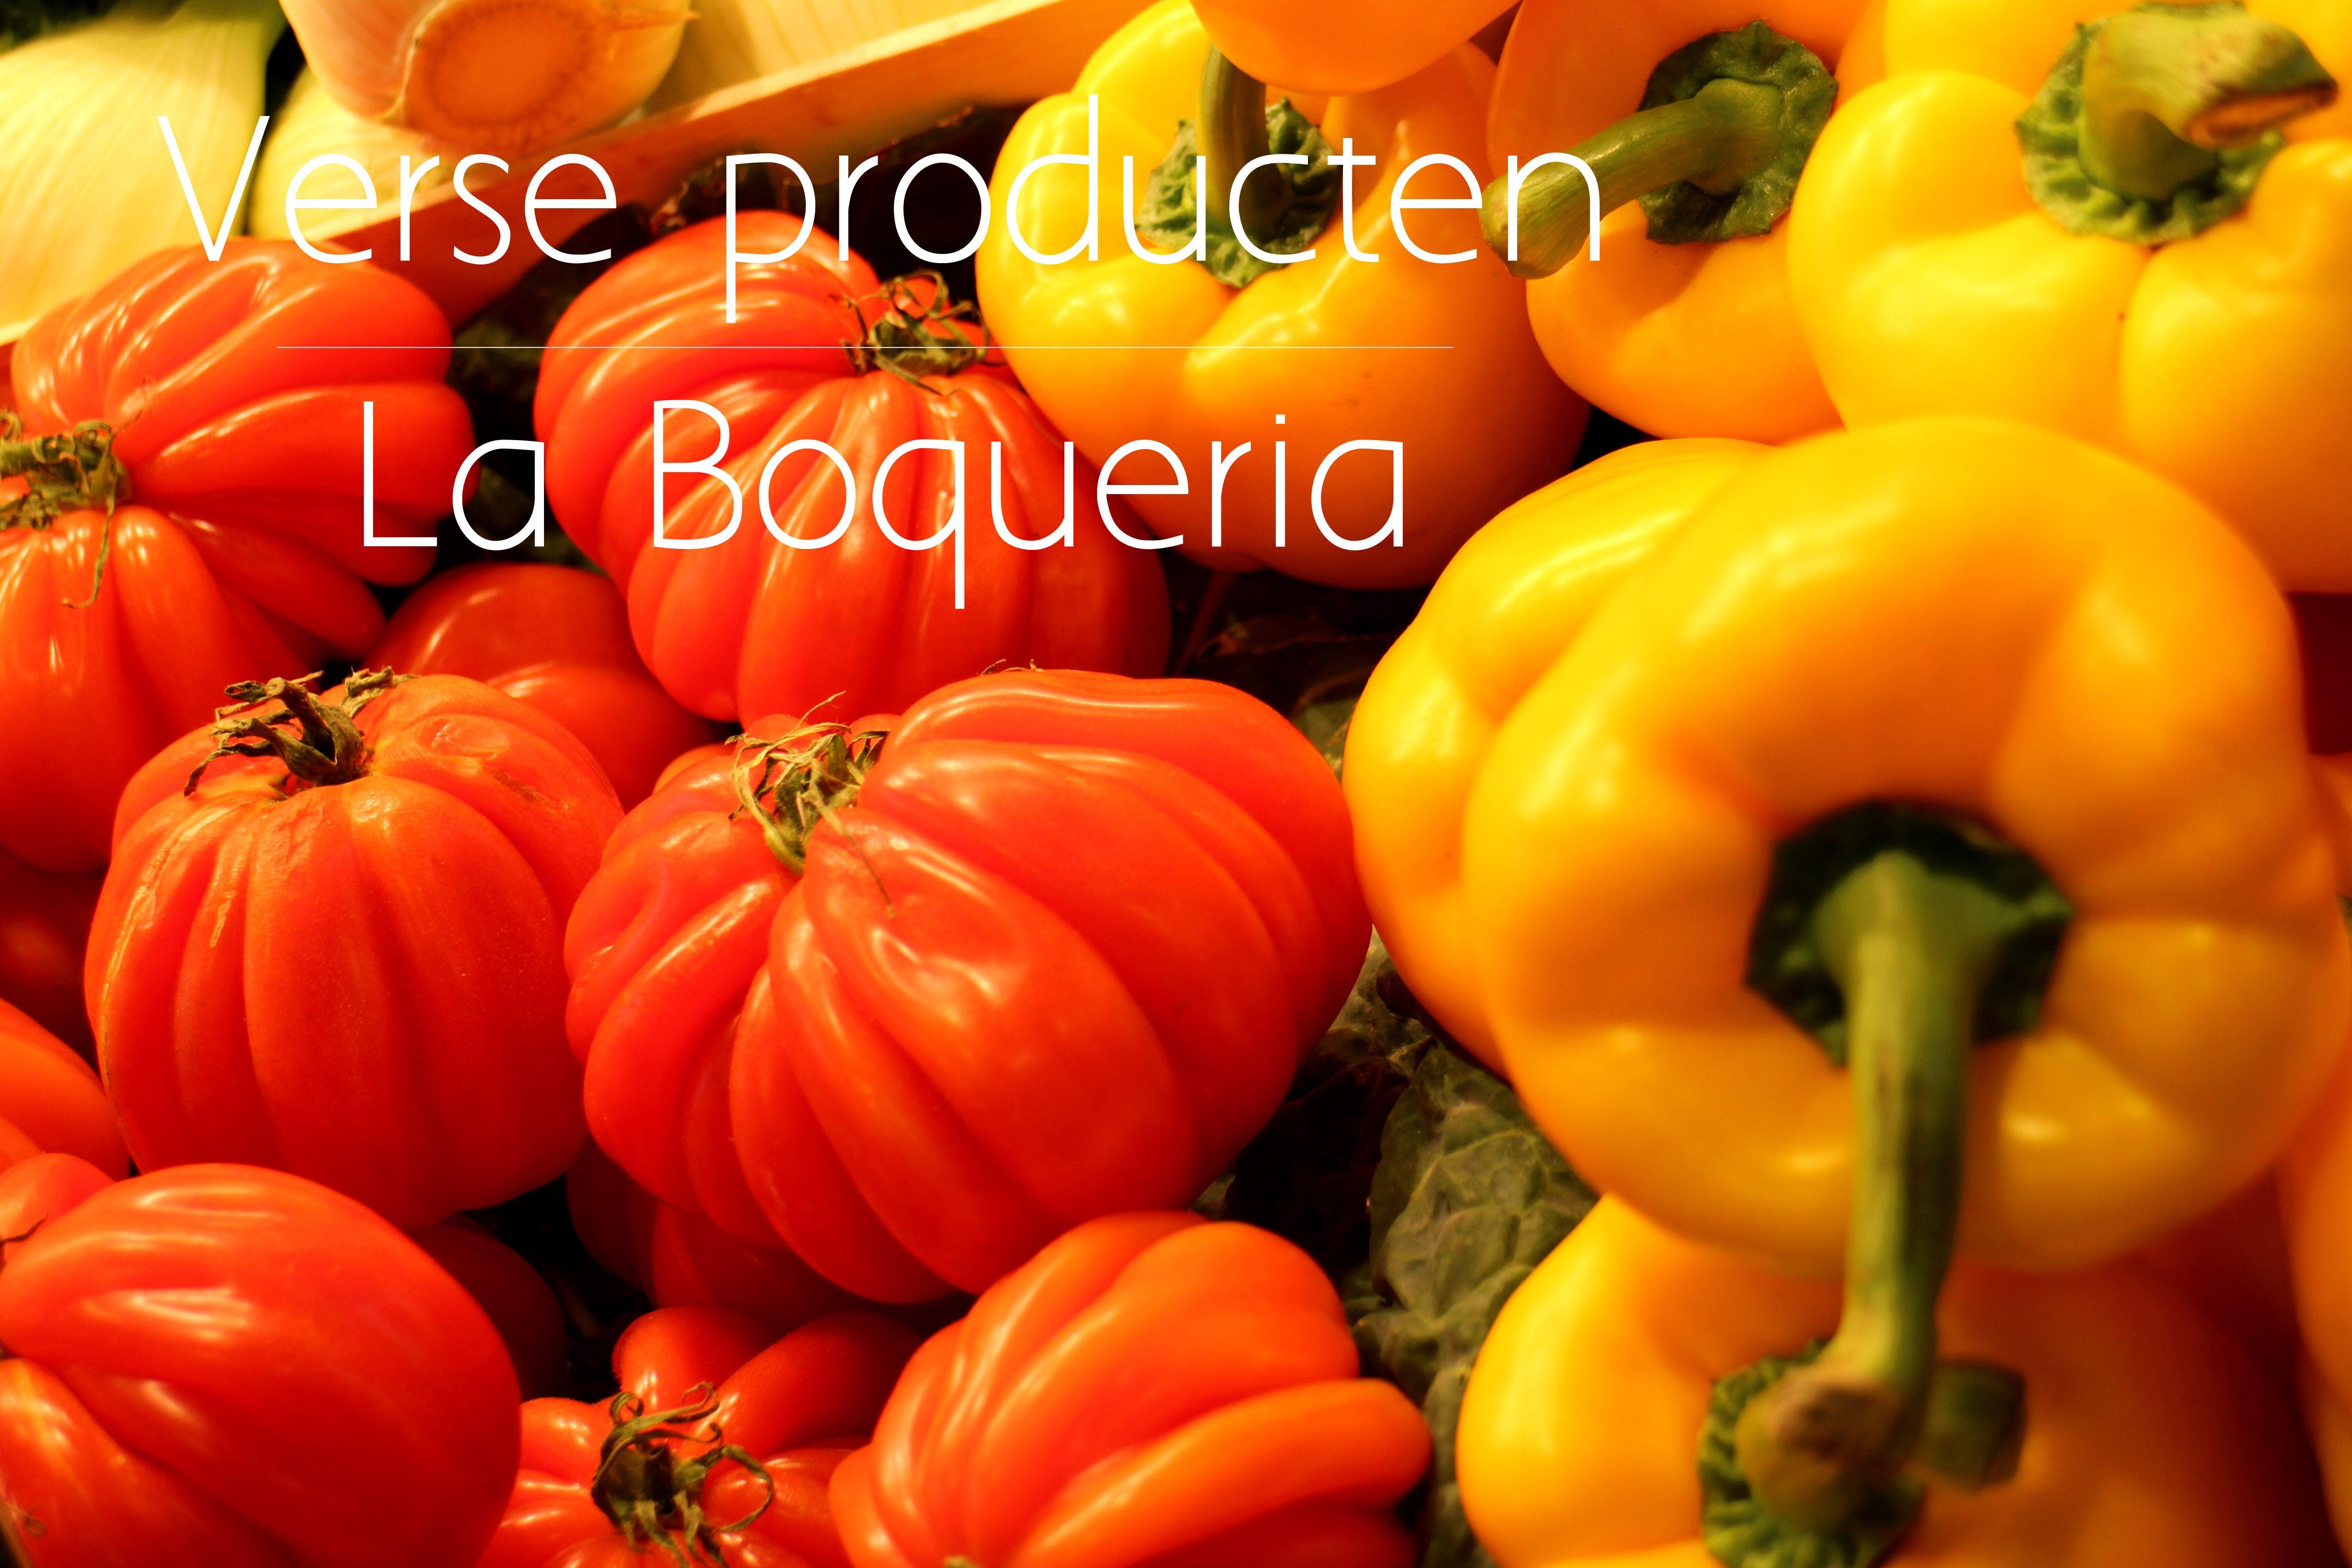 Verse producten in La Boqueria |  #vers #groenten #fruit #Barcelona #markt #boqueria #kleur